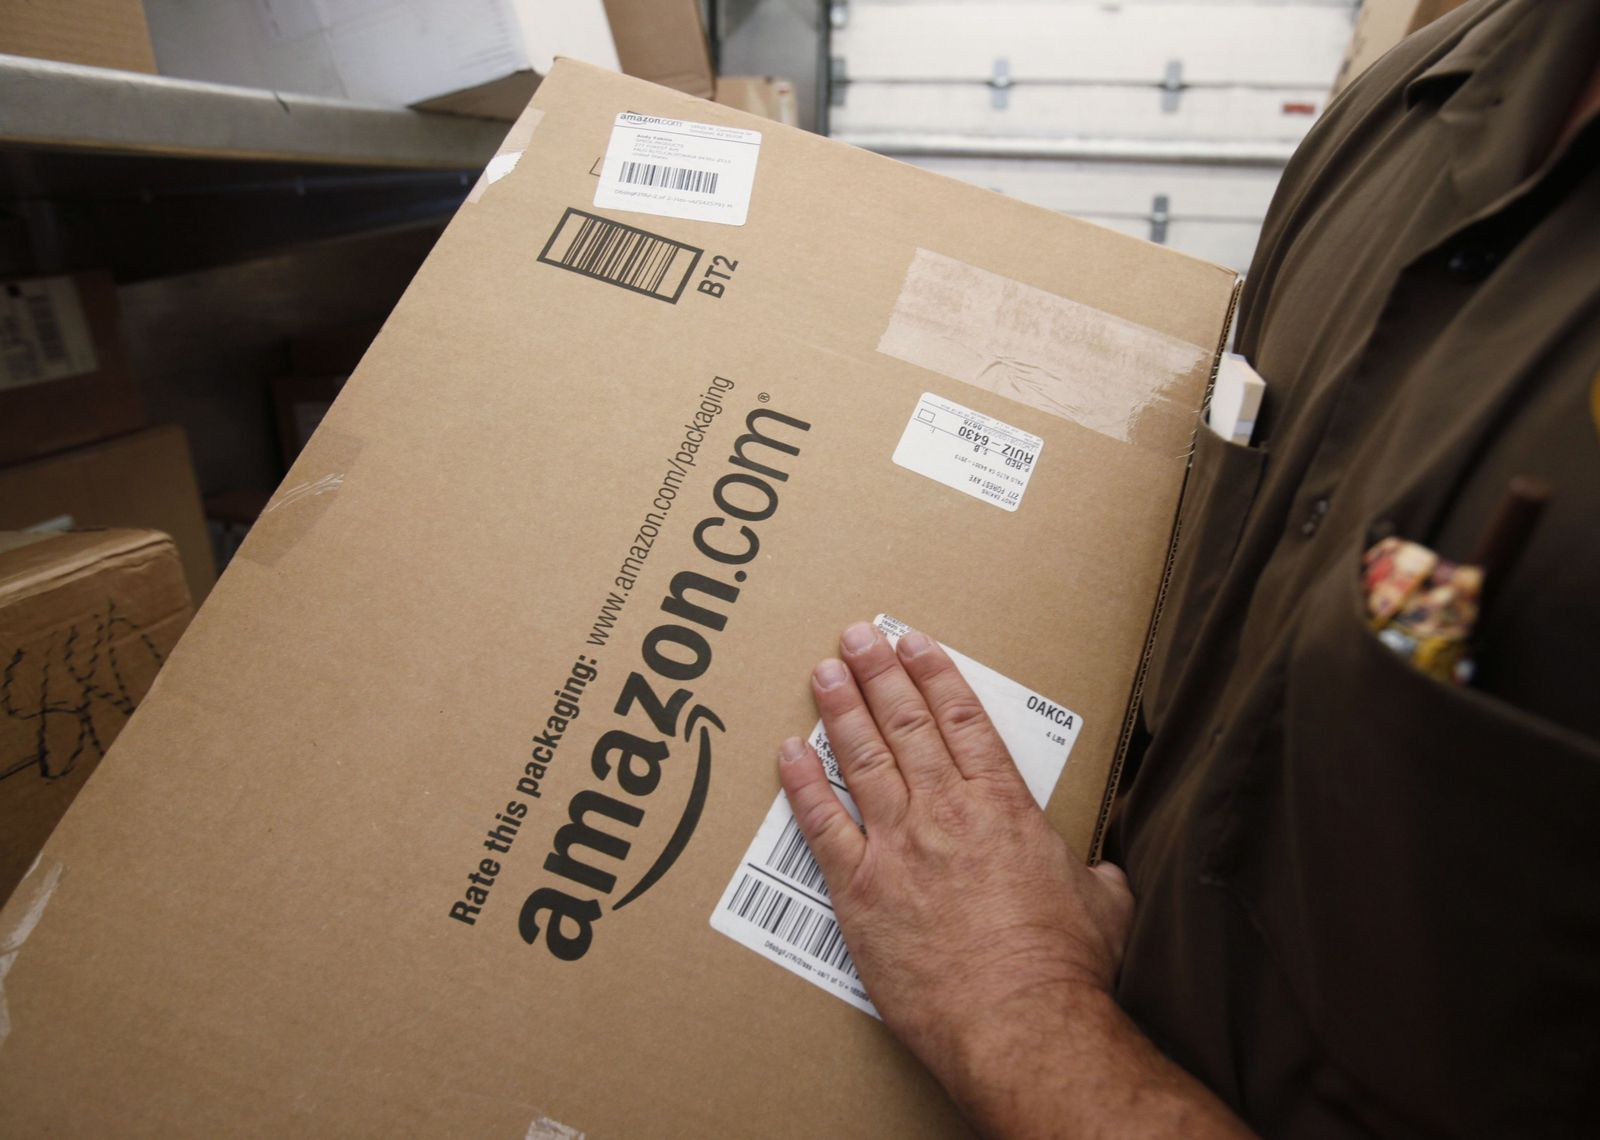 Amazon / UPS